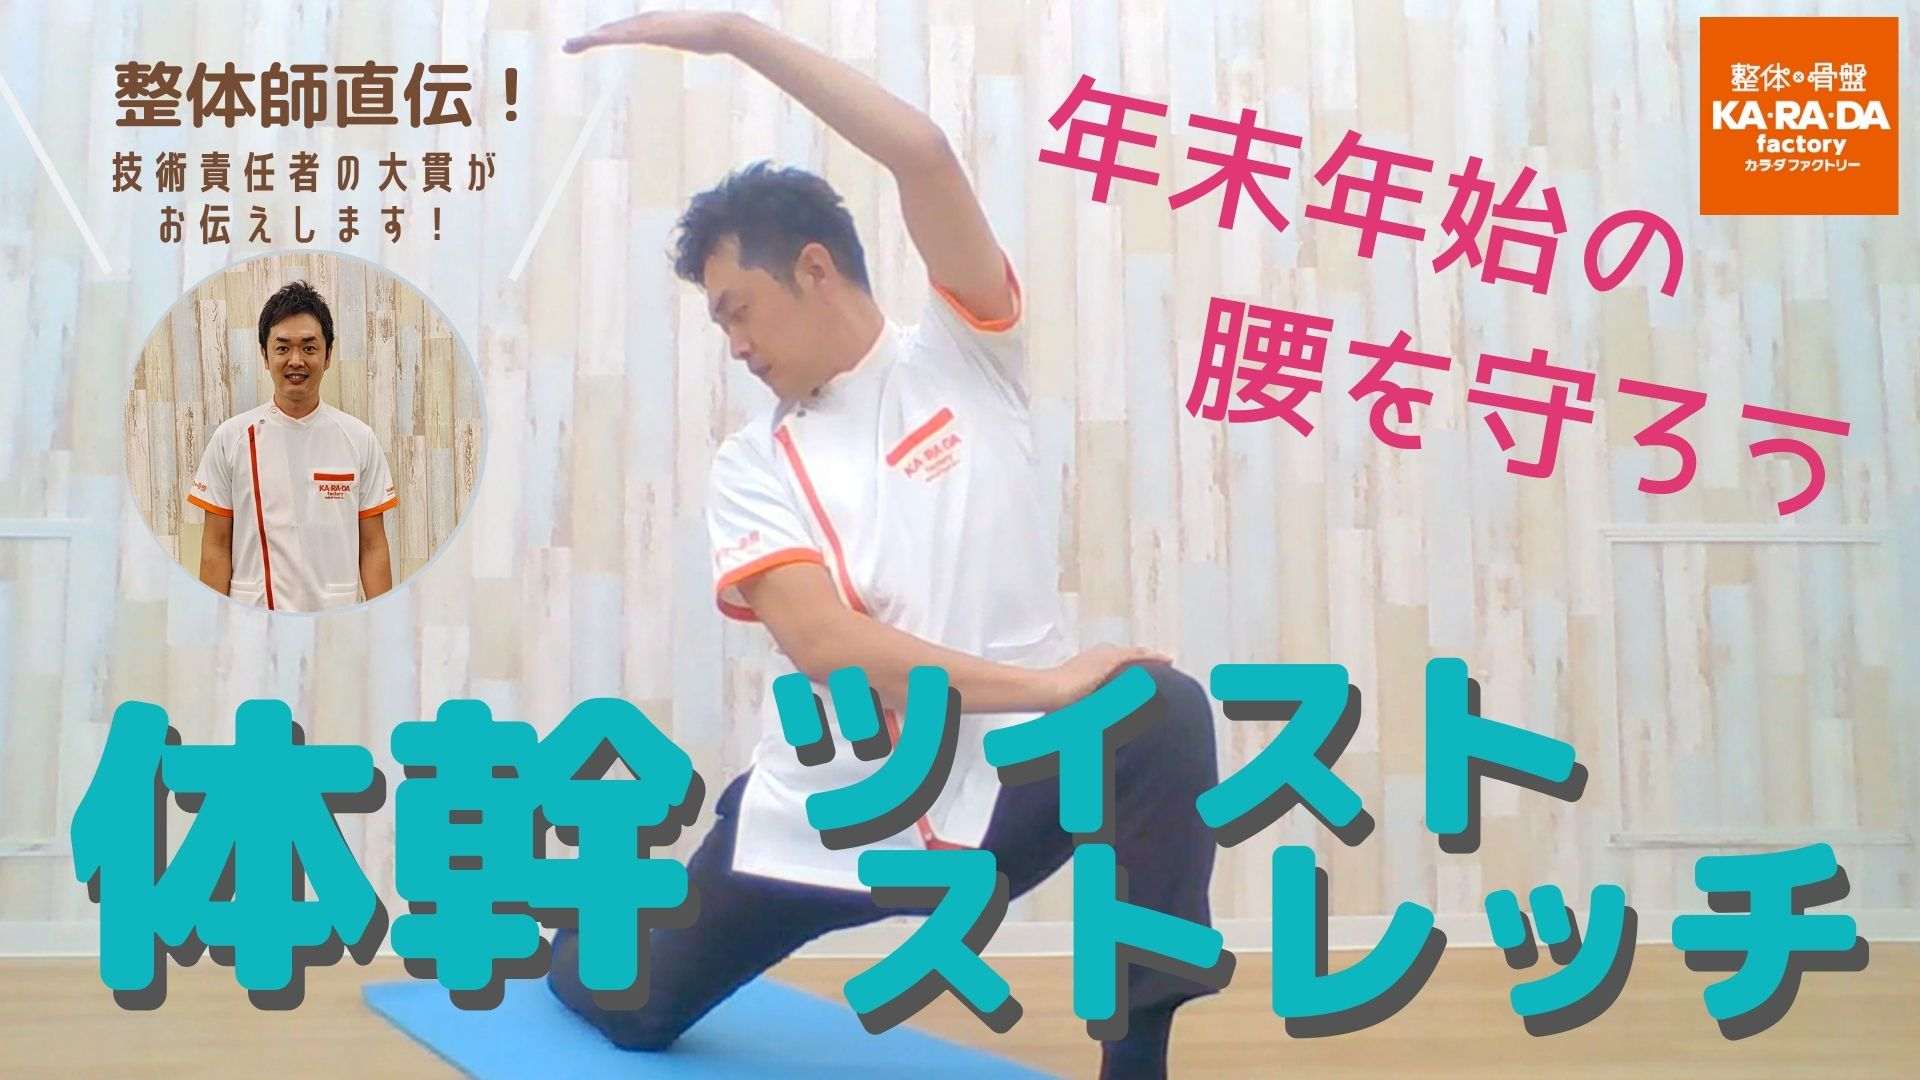 【整体師直伝】年末年始の腰を守ろう 体幹ツイストストレッチ